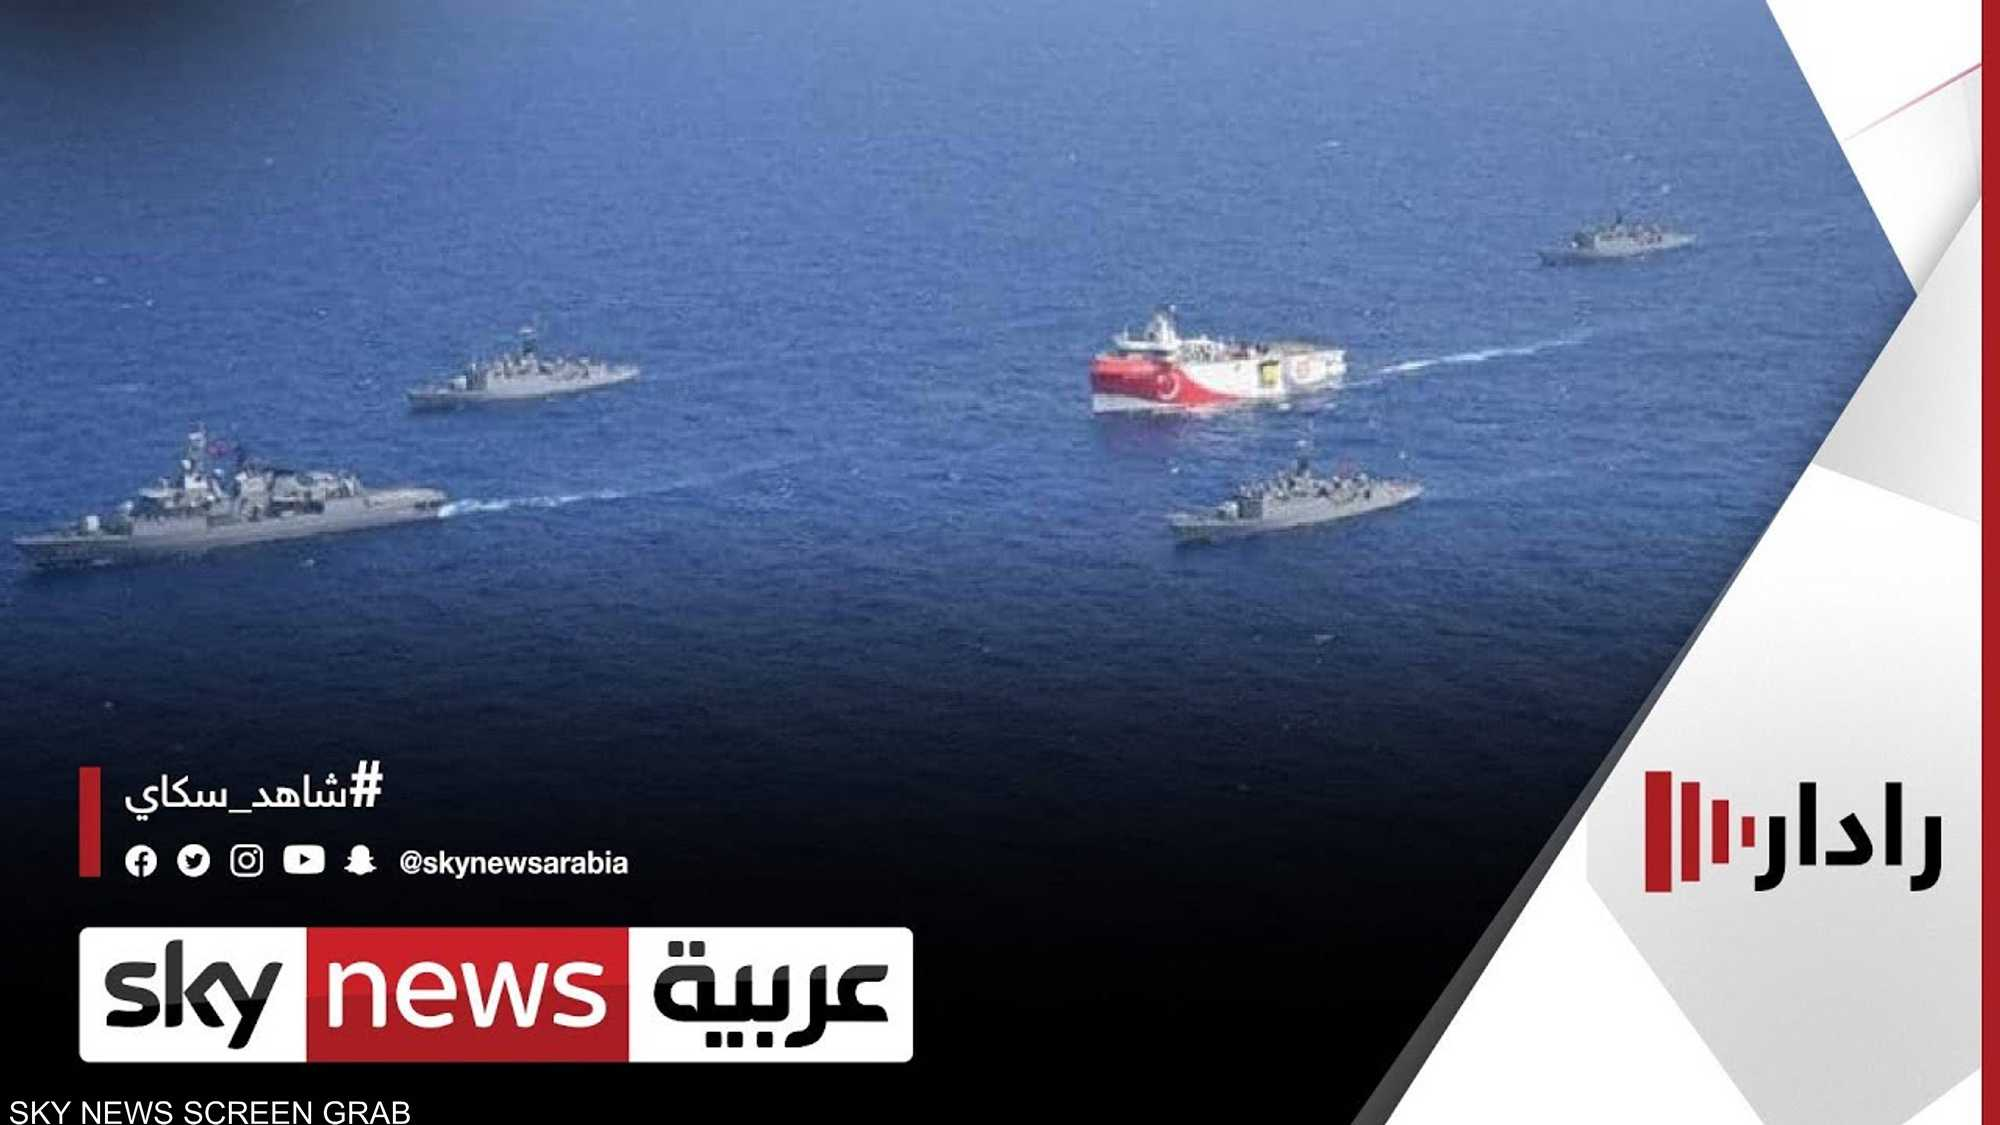 أنقرة: سفينة التنقيب تبدأ بحثها بشرقي الموسط مجددا